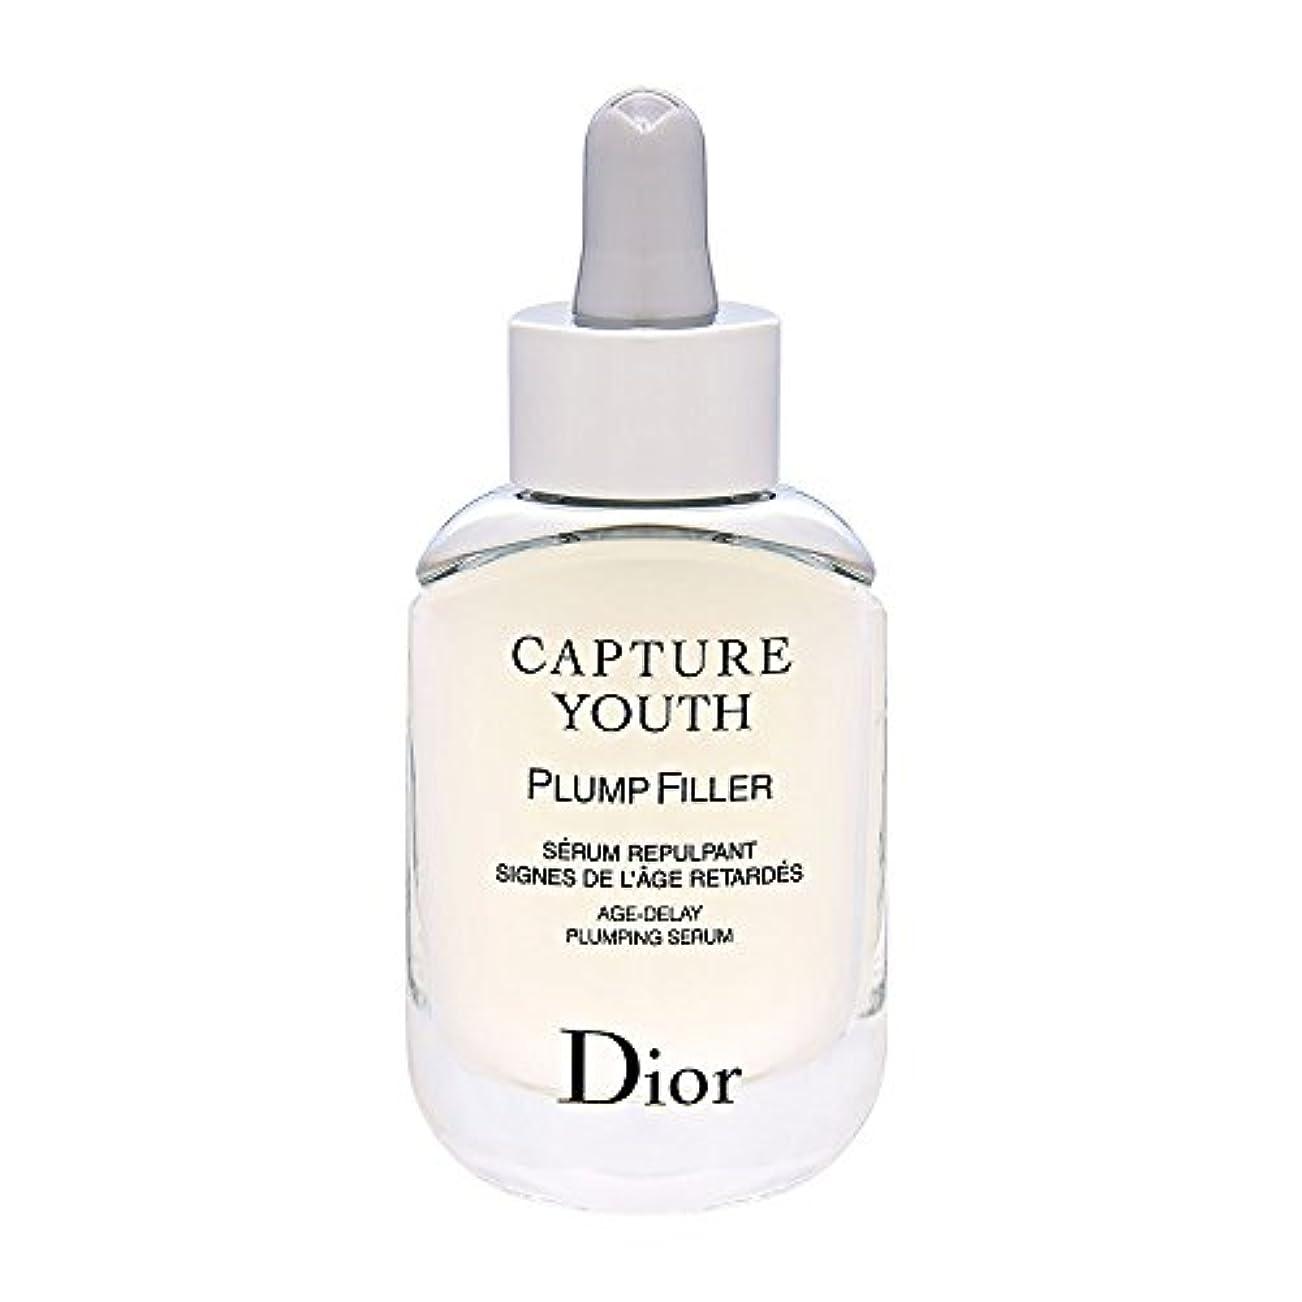 問い合わせ最初セラフクリスチャンディオール Christian Dior カプチュール ユース プランプフィラー 30mL [並行輸入品]